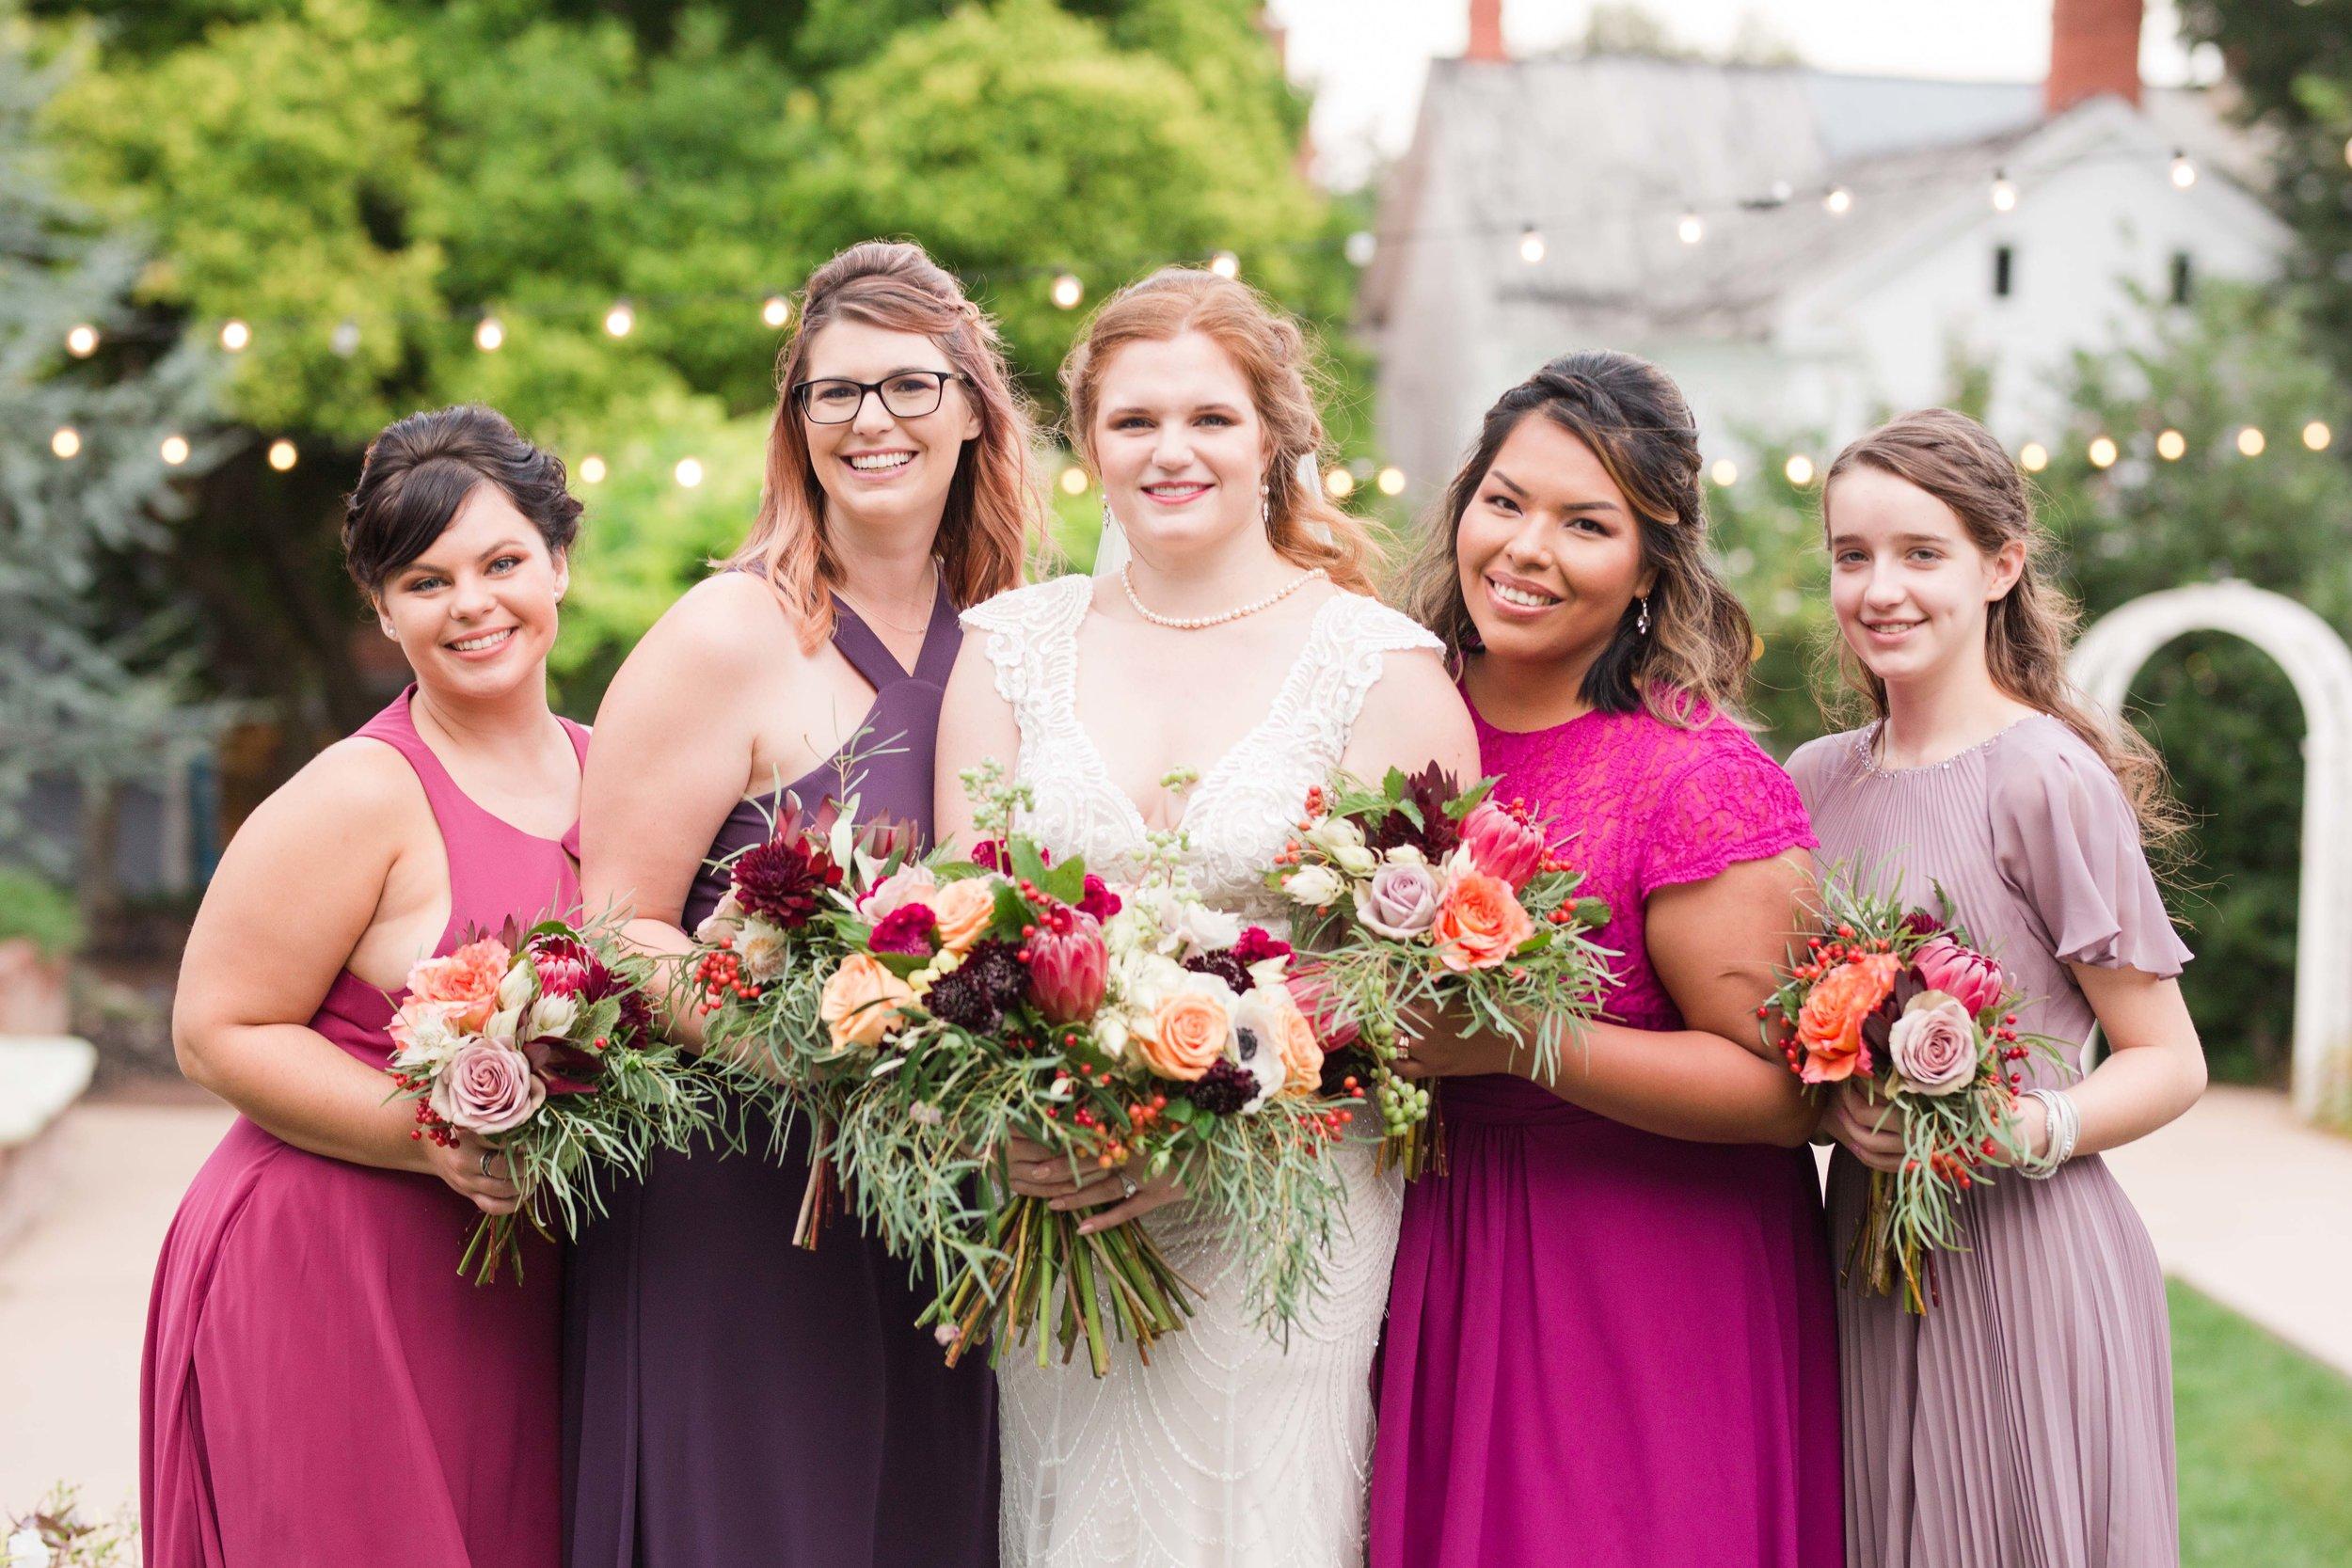 mcfarland_house_martinsburg_wedding-7.jpg